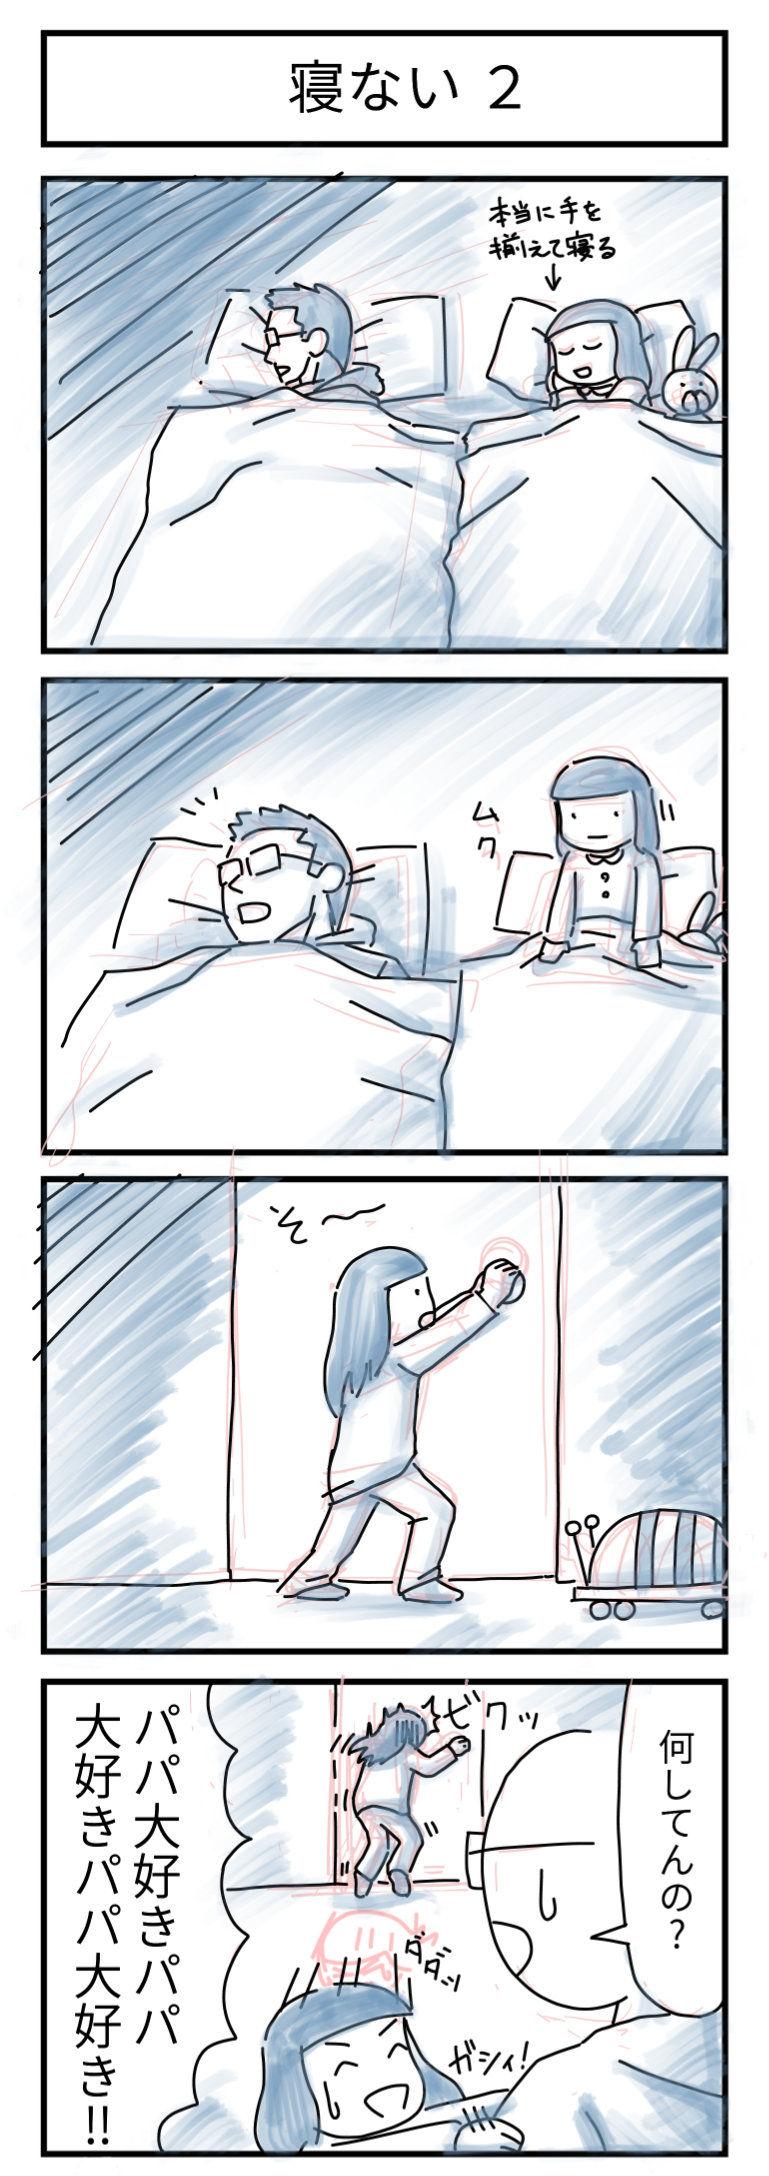 026_寝ない2_half